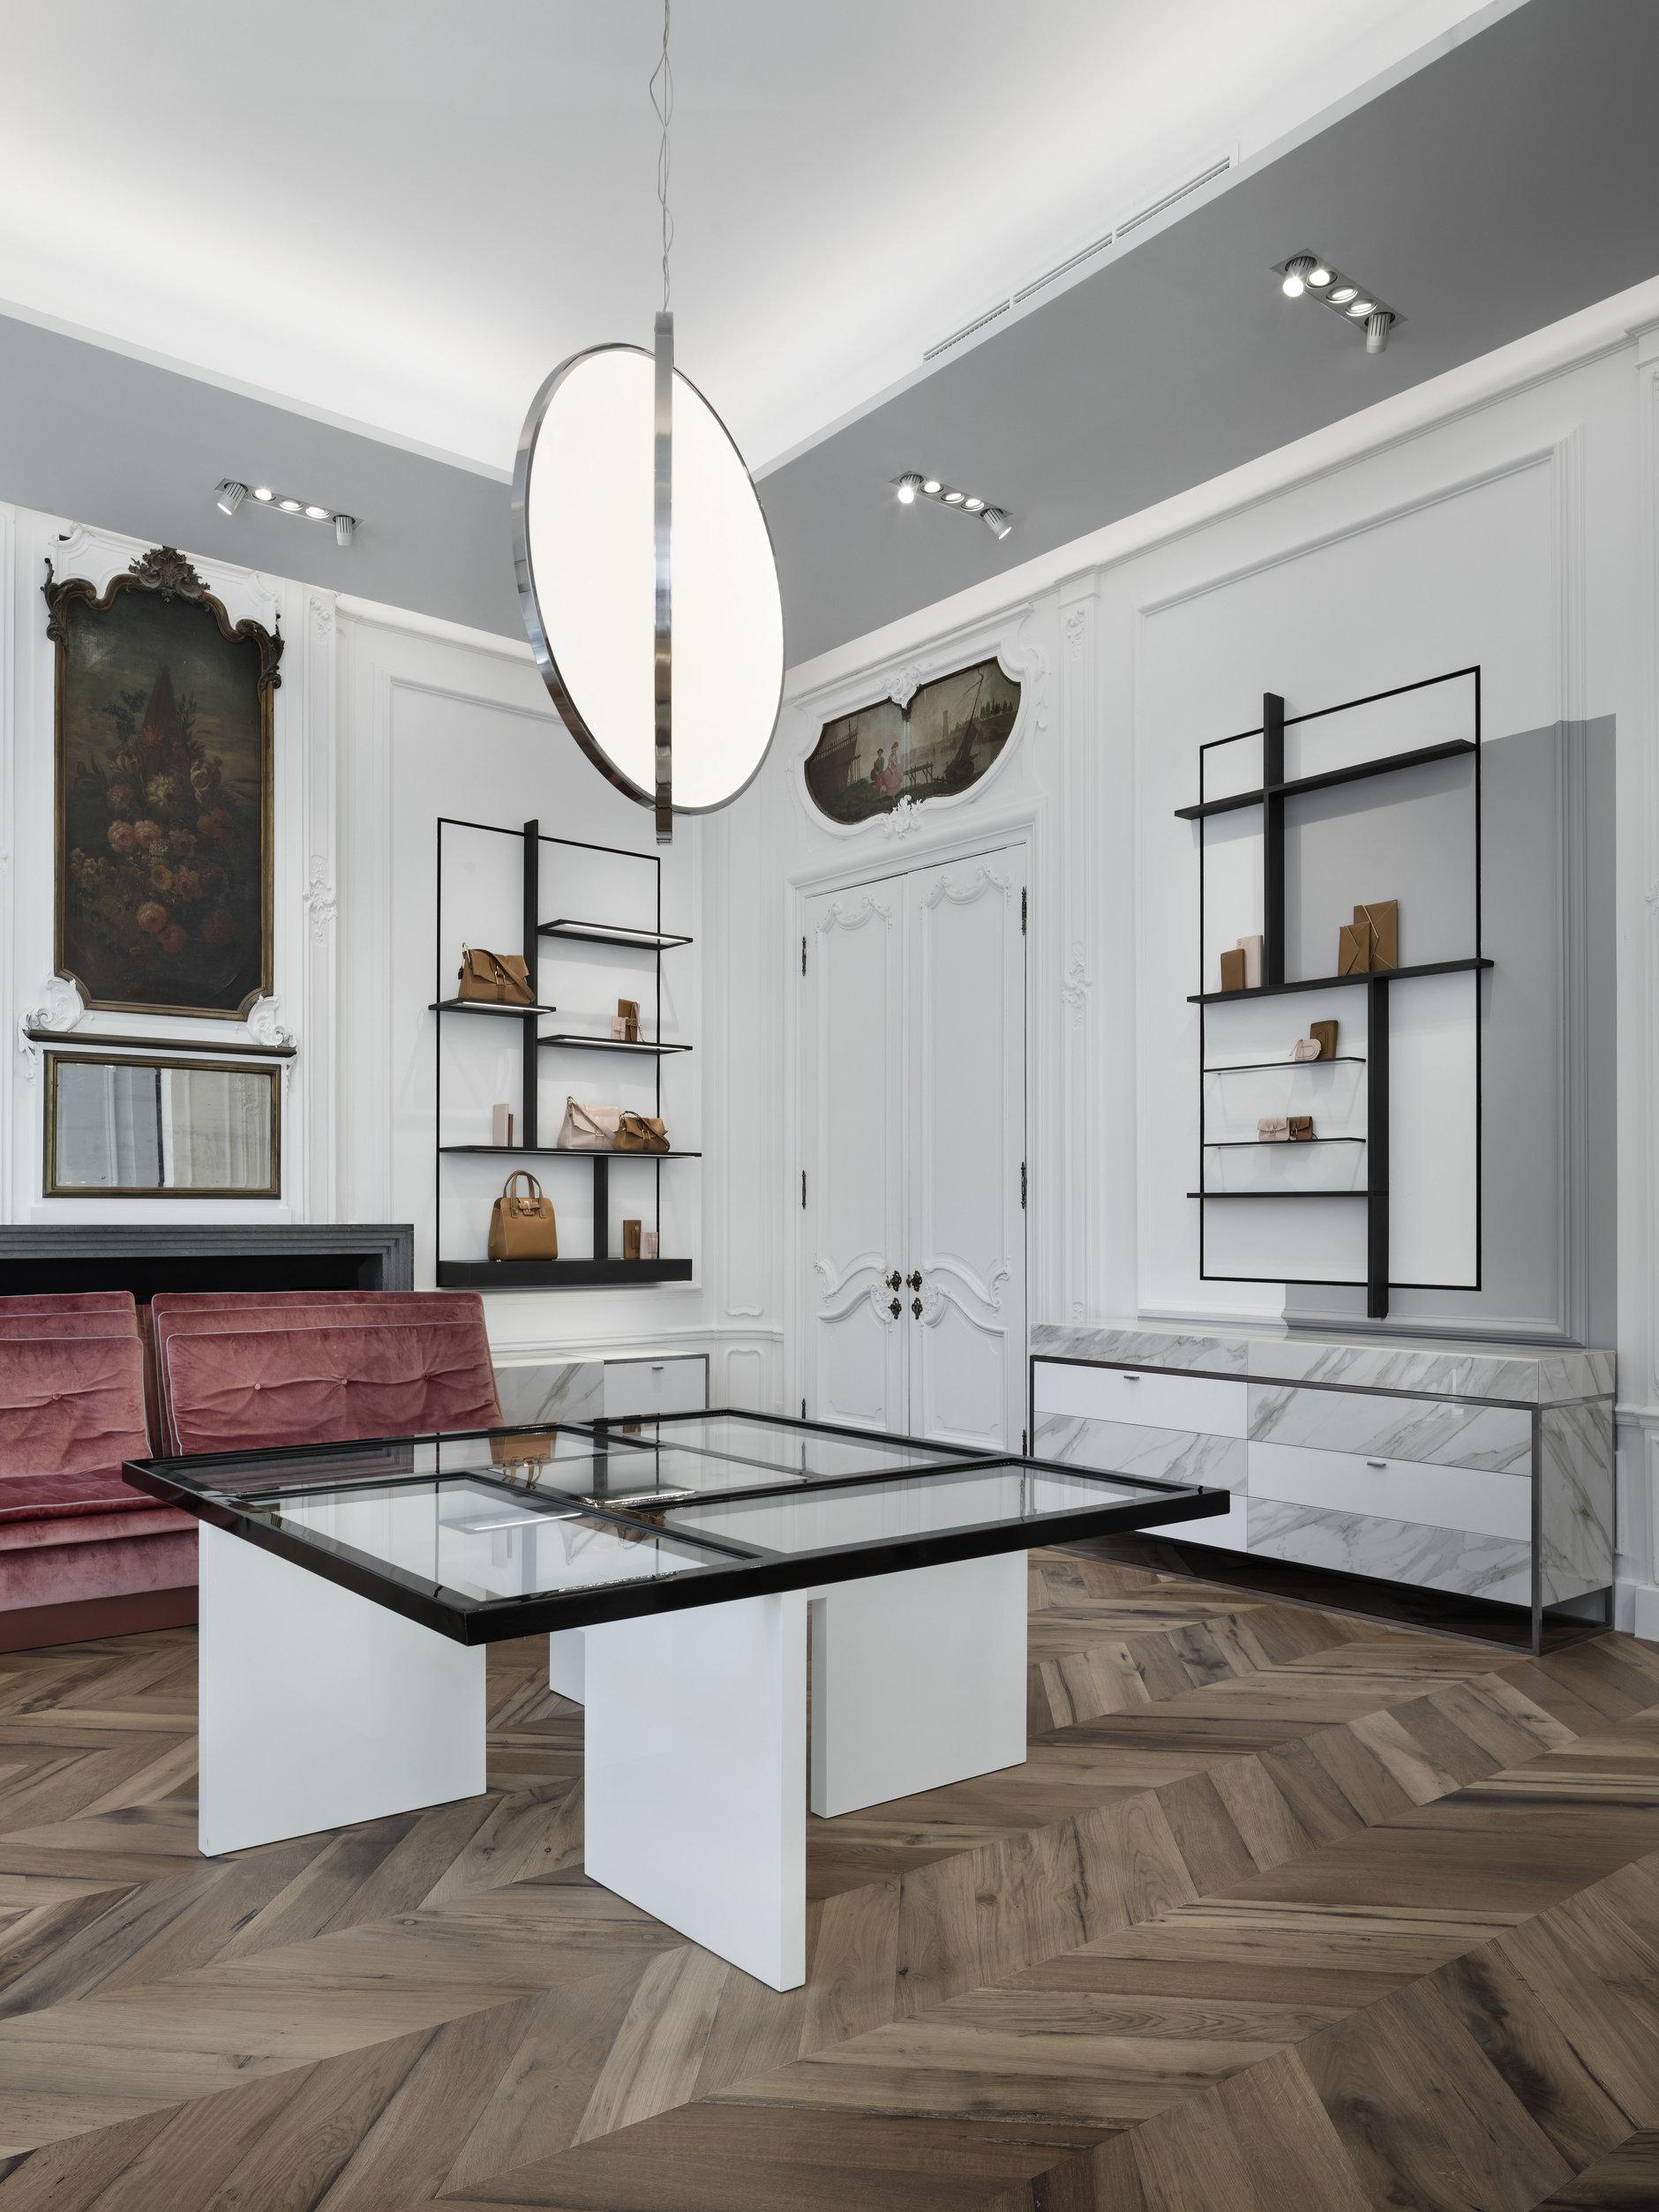 Бутик Delvaux в Брюсселе: современный дизайн в историческом здании (галерея 2, фото 3)